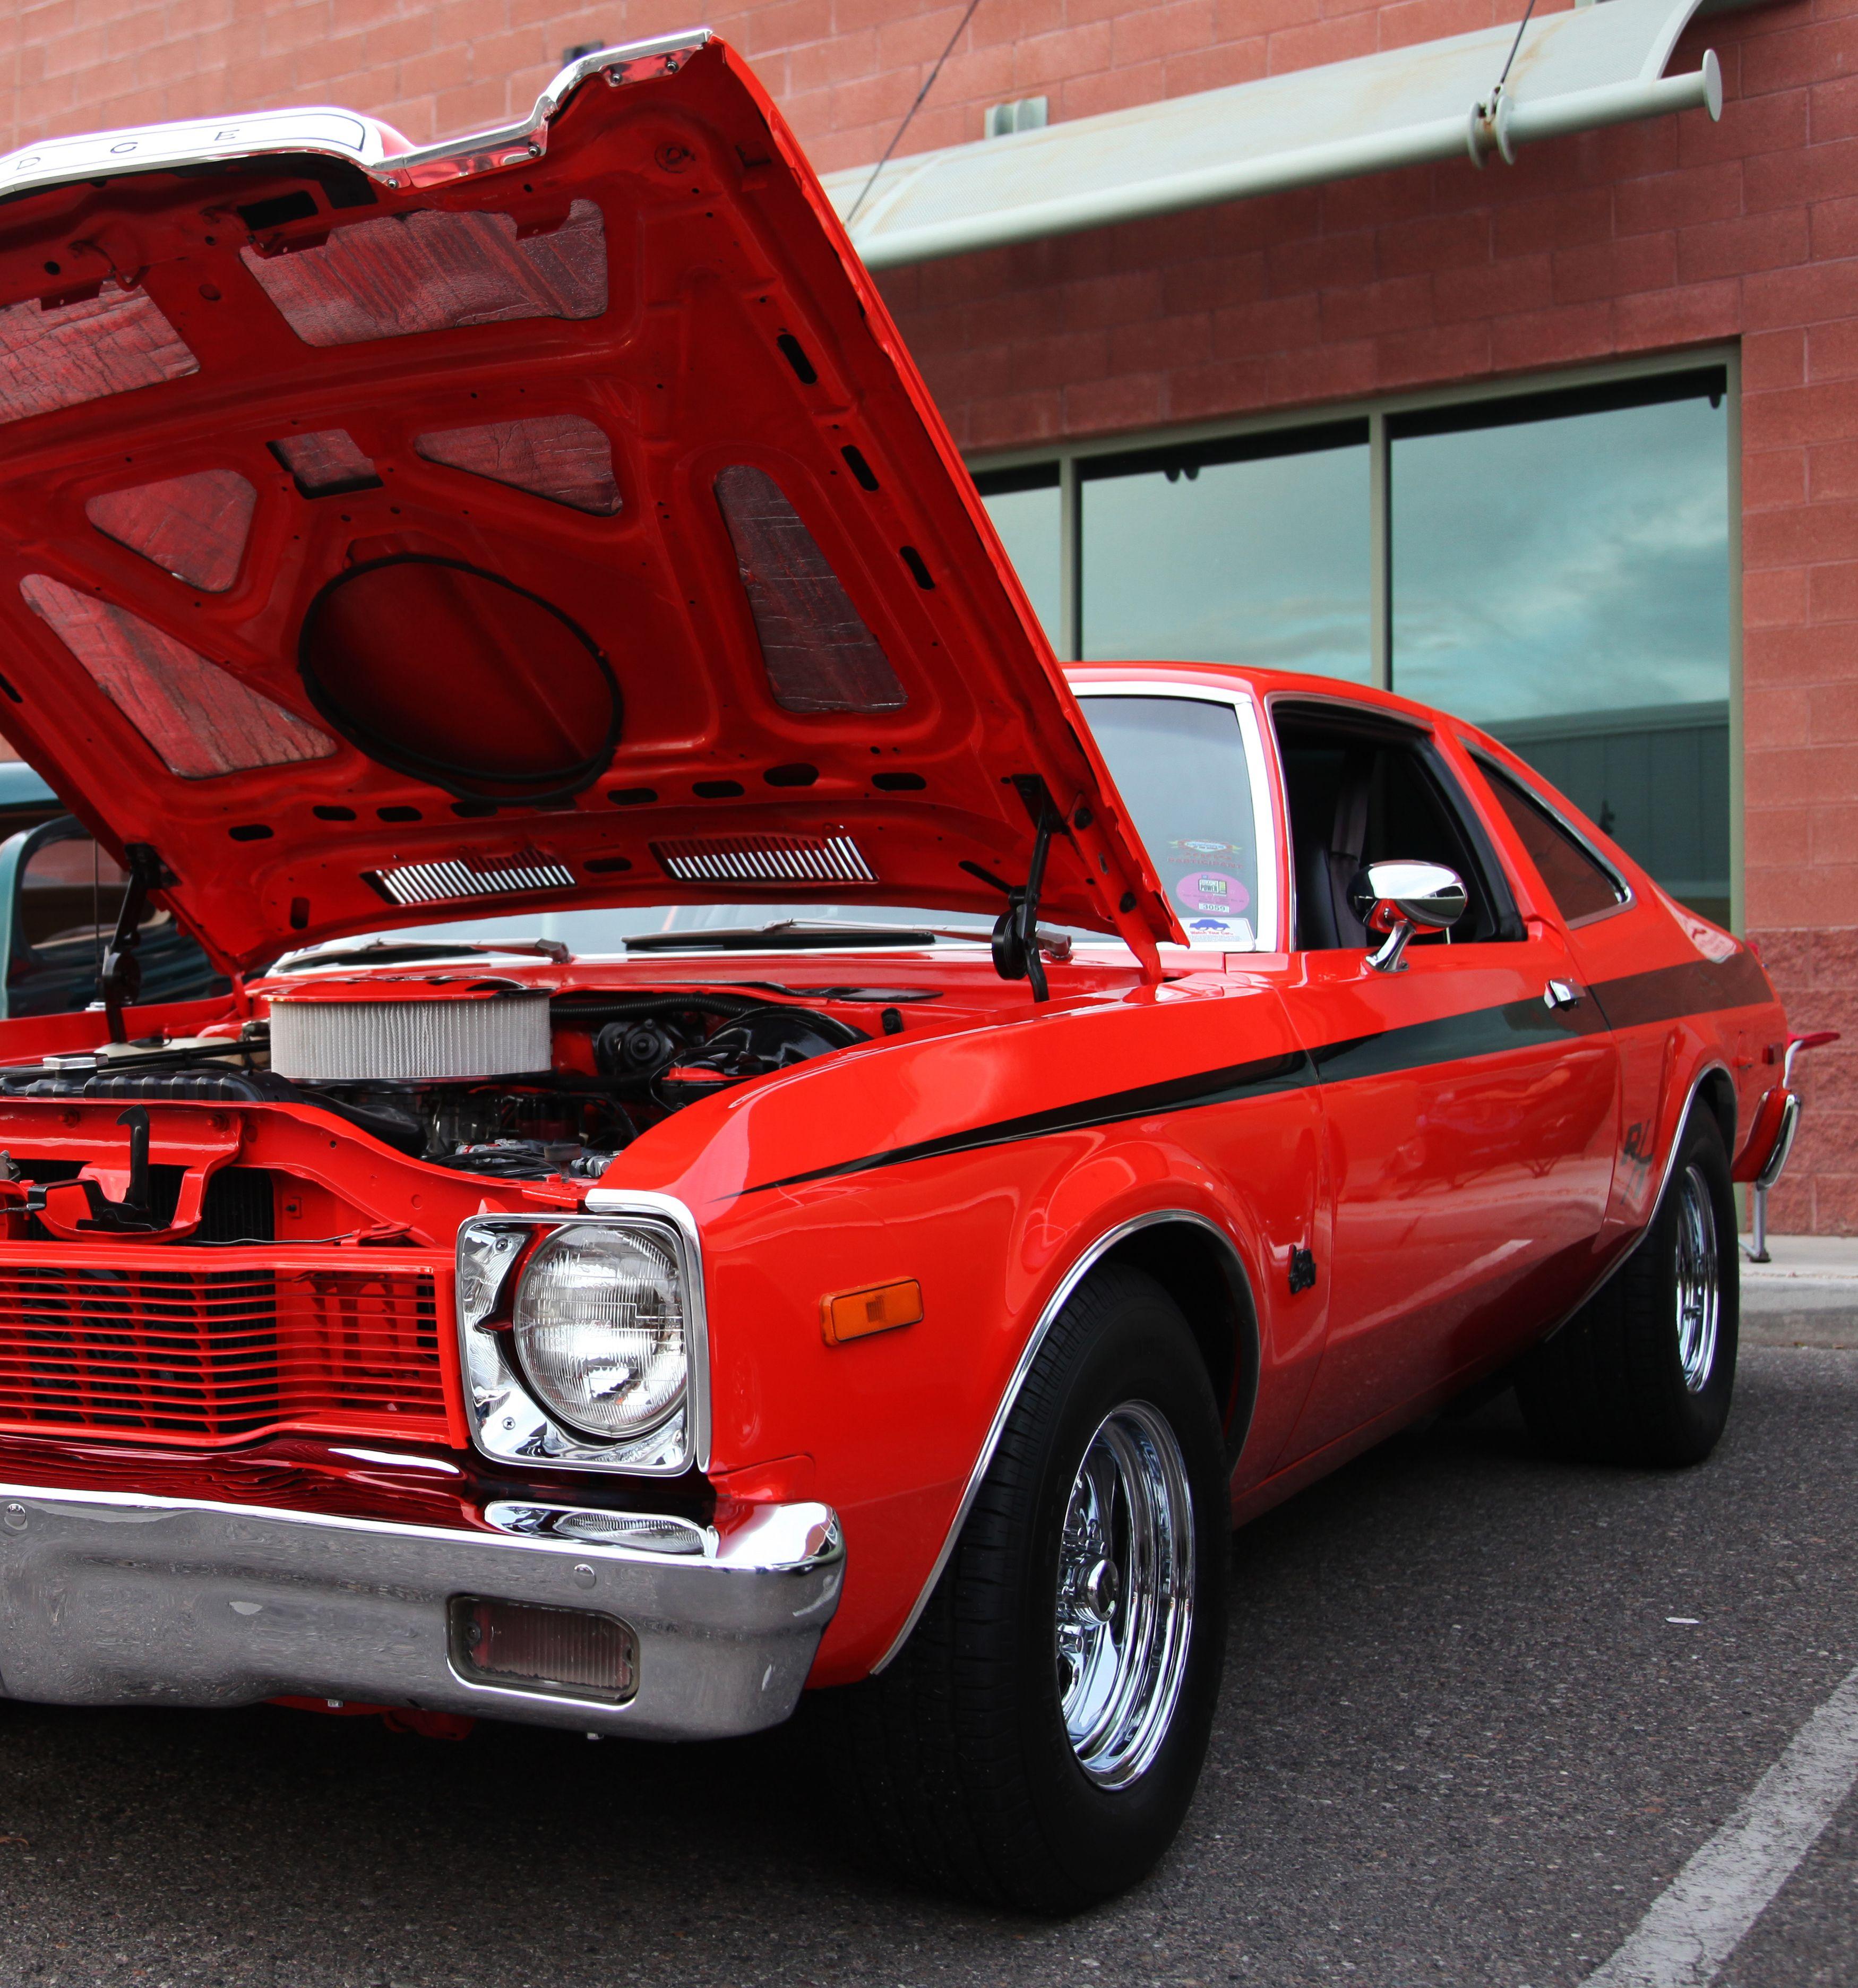 1977 Dodge Aspen R/T #American #Muscle #Car #OldSchool